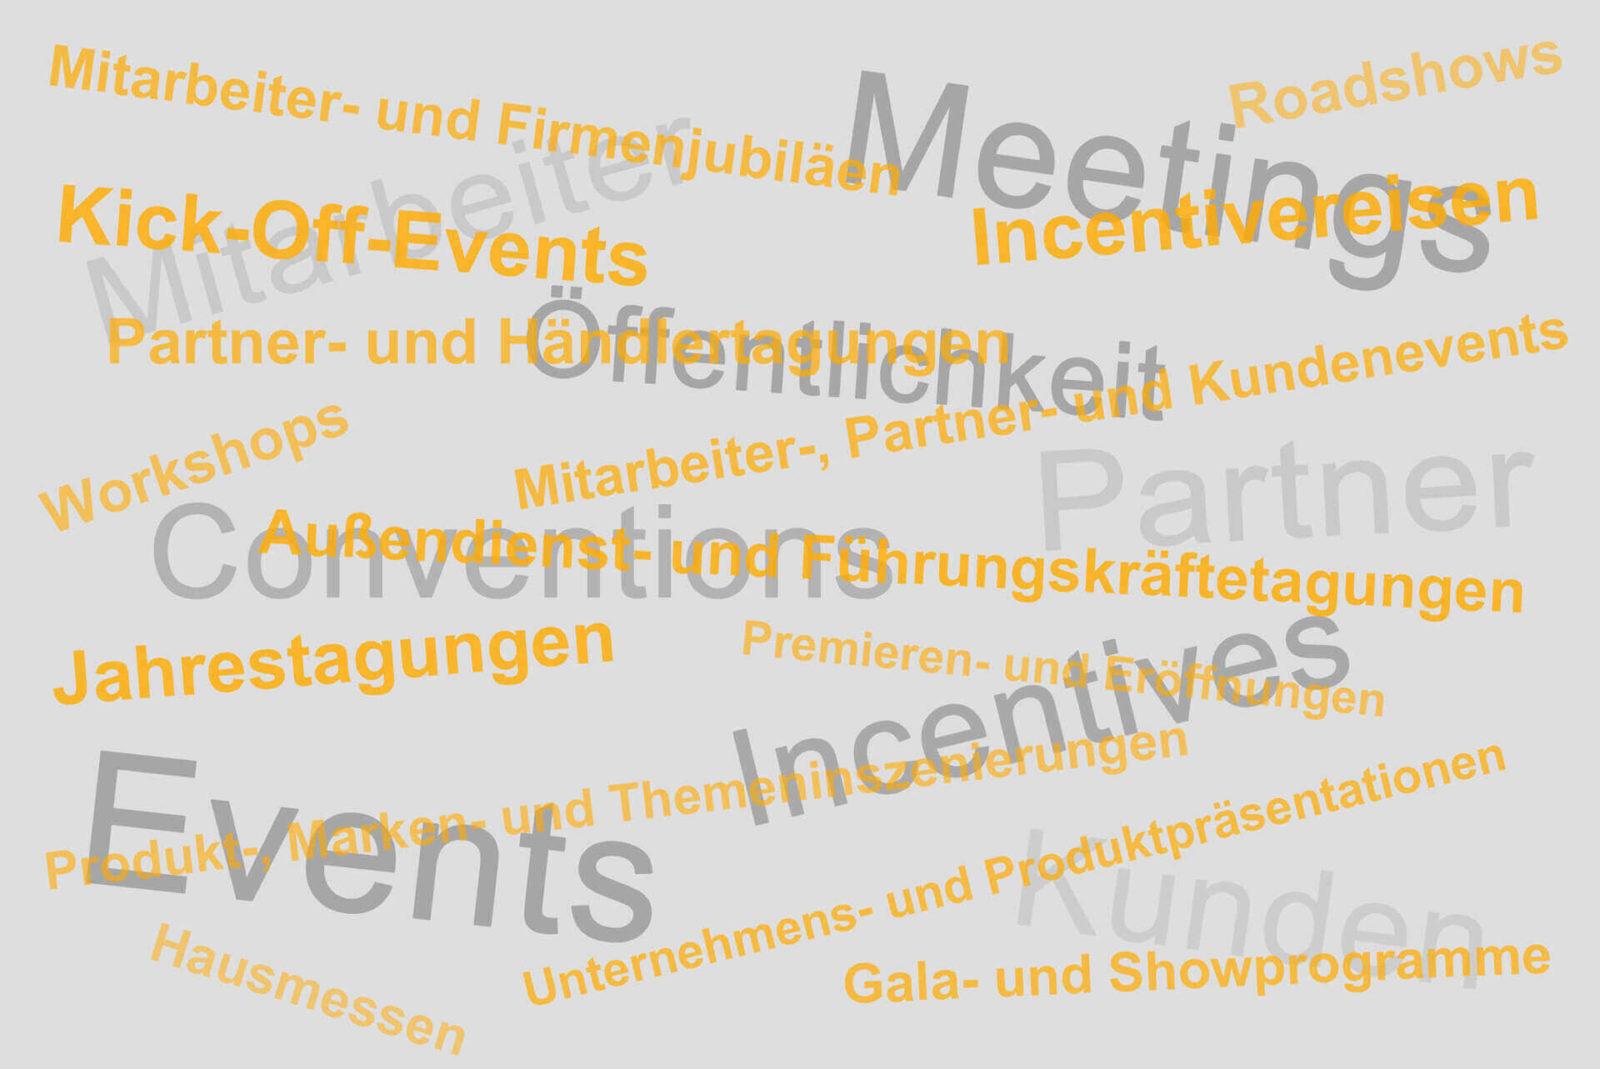 Angebotsspektrum holstein eventmarketing